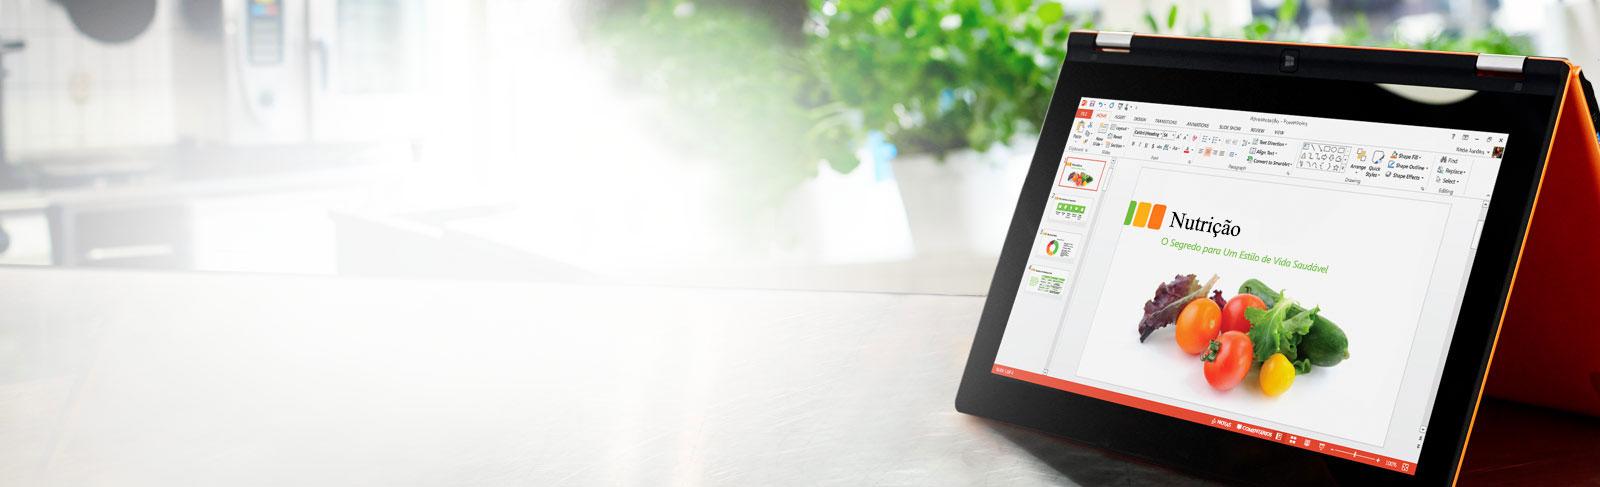 Um tablet a apresentar o diapositivo de uma apresentação do PowerPoint com navegação esquerda e friso.